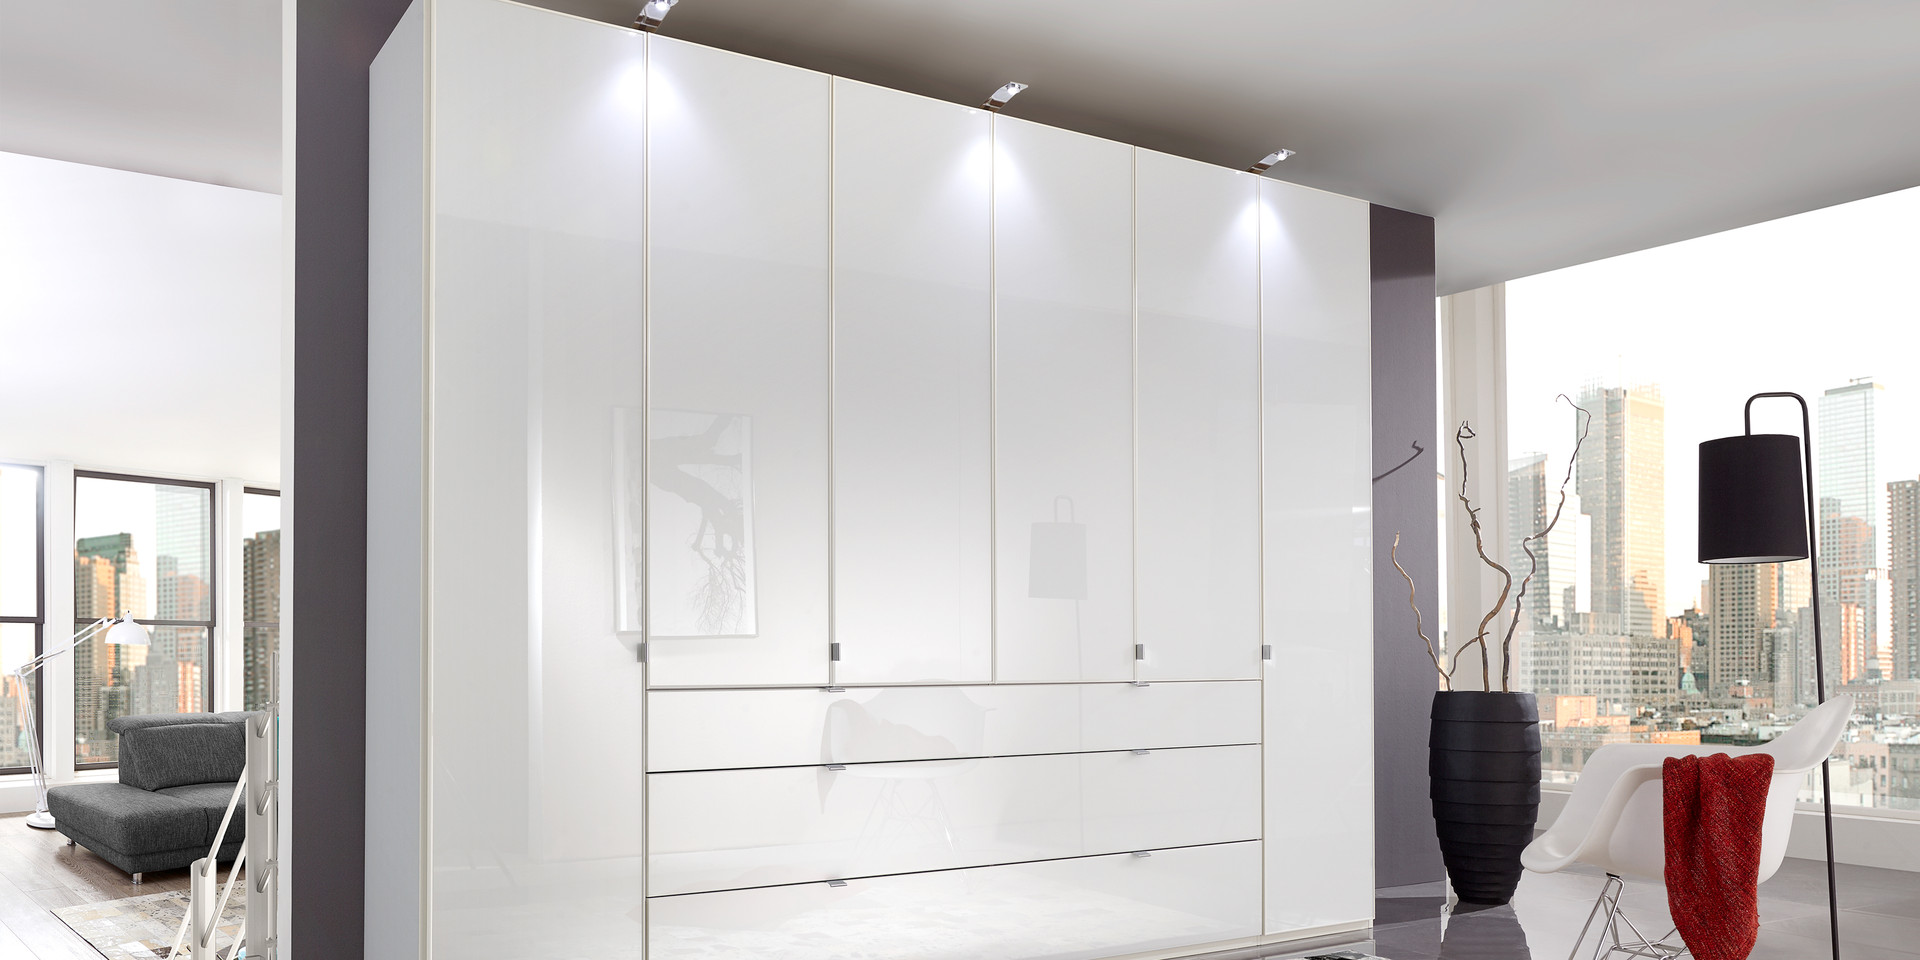 Vielfältige Schranksysteme | Möbelhersteller Wiemann